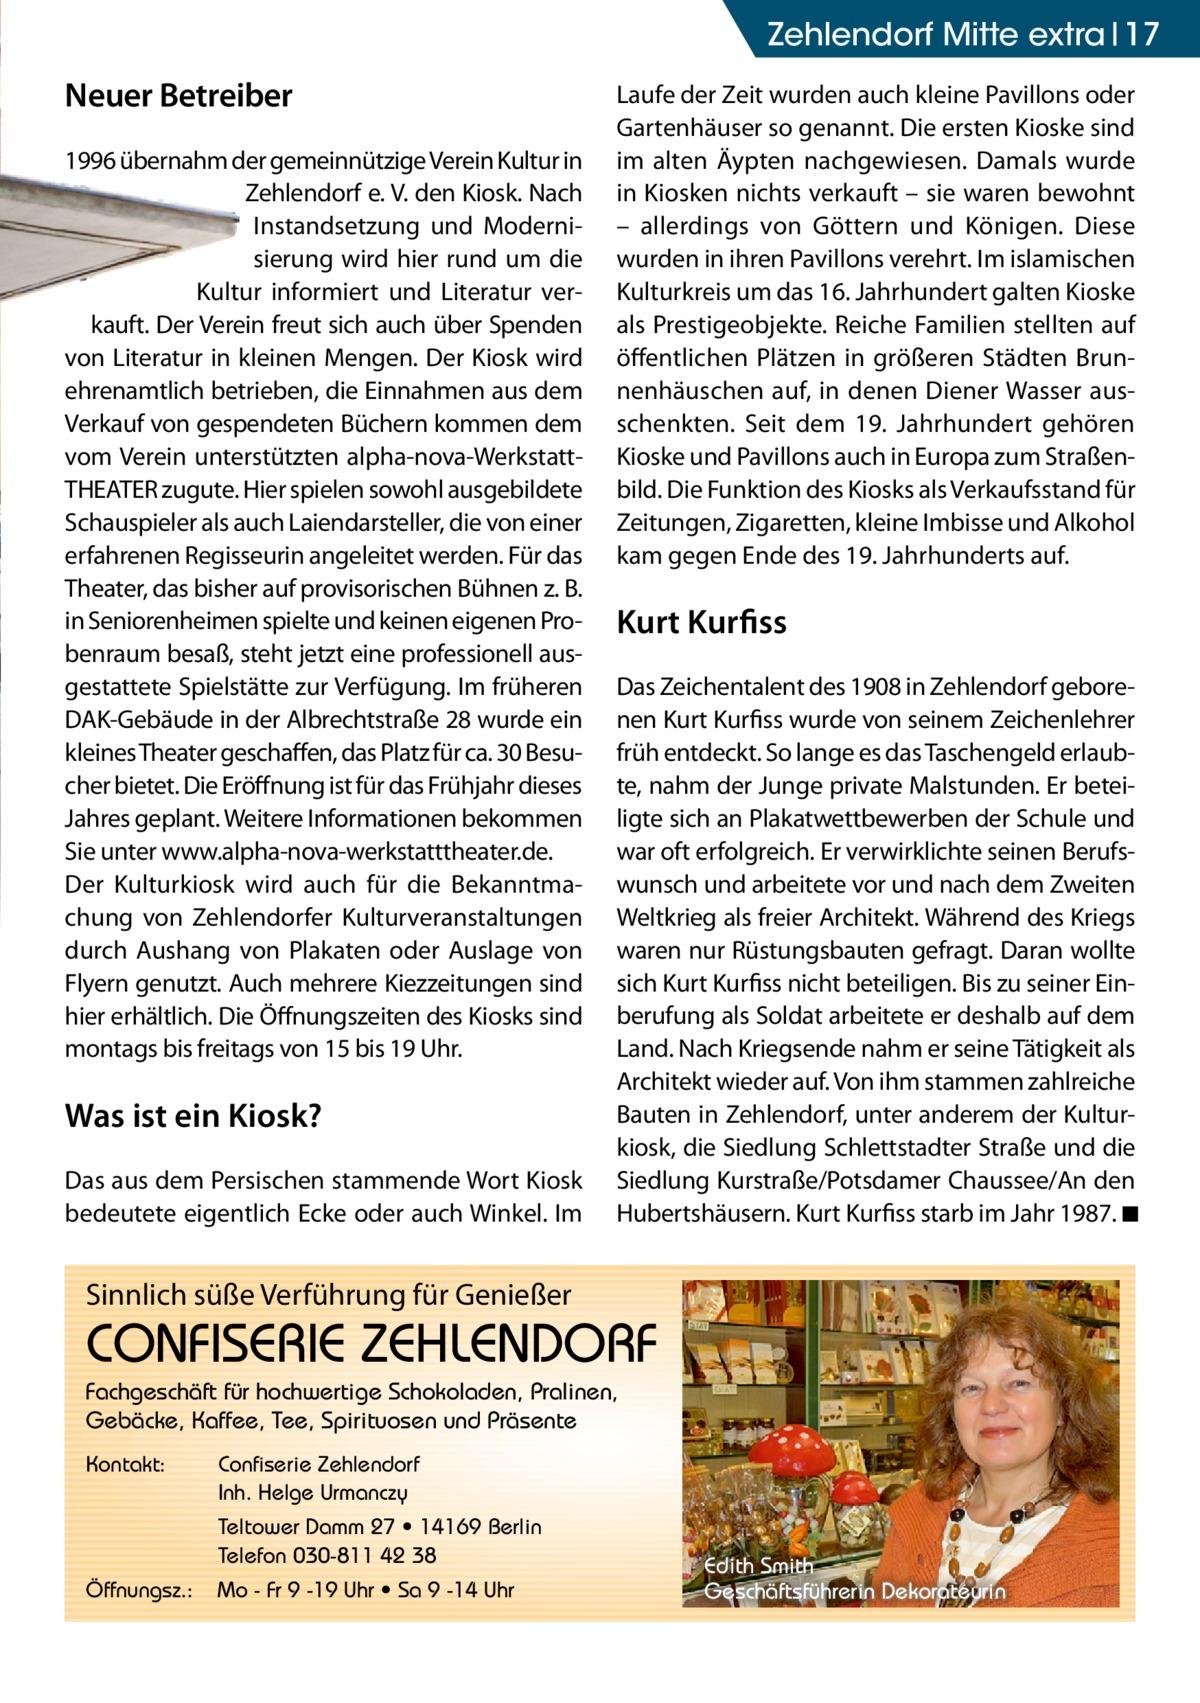 Zehlendorf Mitte extra 17  Neuer Betreiber 1996 übernahm der gemeinnützige Verein Kultur in Zehlendorf e. V. den Kiosk. Nach Instandsetzung und Modernisierung wird hier rund um die Kultur informiert und Literatur verkauft. Der Verein freut sich auch über Spenden von Literatur in kleinen Mengen. Der Kiosk wird ehrenamtlich betrieben, die Einnahmen aus dem Verkauf von gespendeten Büchern kommen dem vom Verein unterstützten alpha-nova-WerkstattTHEATER zugute. Hier spielen sowohl ausgebildete Schauspieler als auch Laiendarsteller, die von einer erfahrenen Regisseurin angeleitet werden. Für das Theater, das bisher auf provisorischen Bühnen z. B. in Seniorenheimen spielte und keinen eigenen Probenraum besaß, steht jetzt eine professionell ausgestattete Spielstätte zur Verfügung. Im früheren DAK-Gebäude in der Albrechtstraße 28 wurde ein kleines Theater geschaffen, das Platz für ca. 30 Besucher bietet. Die Eröffnung ist für das Frühjahr dieses Jahres geplant. Weitere Informationen bekommen Sie unter www.alpha-nova-werkstatttheater.de. Der Kulturkiosk wird auch für die Bekanntmachung von Zehlendorfer Kulturveranstaltungen durch Aushang von Plakaten oder Auslage von Flyern genutzt. Auch mehrere Kiezzeitungen sind hier erhältlich. Die Öffnungszeiten des Kiosks sind montags bis freitags von 15 bis 19 Uhr.  Was ist ein Kiosk? Das aus dem Persischen stammende Wort Kiosk bedeutete eigentlich Ecke oder auch Winkel. Im  Laufe der Zeit wurden auch kleine Pavillons oder Gartenhäuser so genannt. Die ersten Kioske sind im alten Äypten nachgewiesen. Damals wurde in Kiosken nichts verkauft – sie waren bewohnt – allerdings von Göttern und Königen. Diese wurden in ihren Pavillons verehrt. Im islamischen Kulturkreis um das 16. Jahrhundert galten Kioske als Prestigeobjekte. Reiche Familien stellten auf öffentlichen Plätzen in größeren Städten Brunnenhäuschen auf, in denen Diener Wasser ausschenkten. Seit dem 19. Jahrhundert gehören Kioske und Pavillons auch in Europa zum Straßenbild. Die Fun